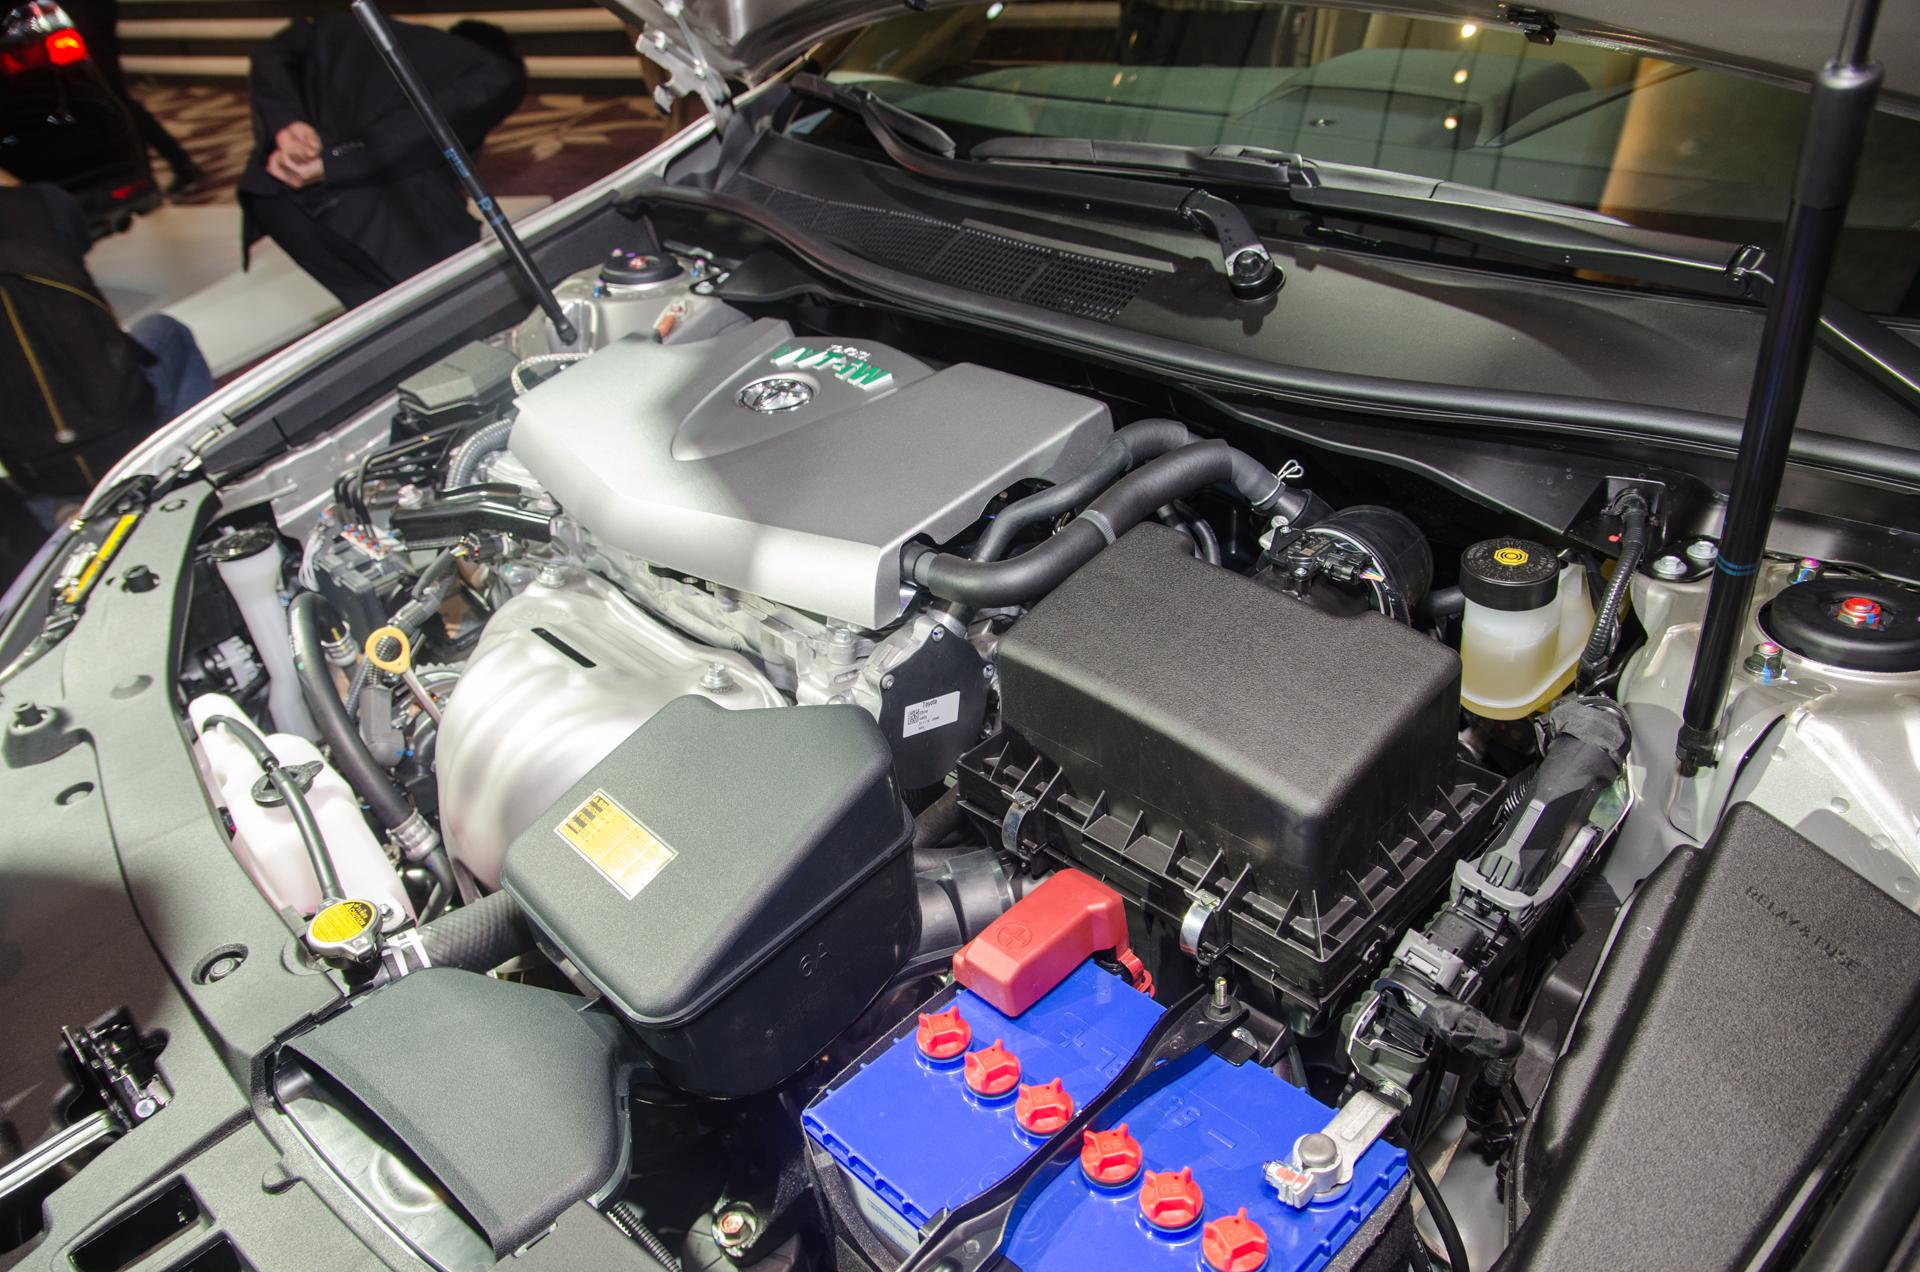 Toyota Camry 2015 ra mắt, giá cạnh tranh từ 1,08 tỷ đồng 5